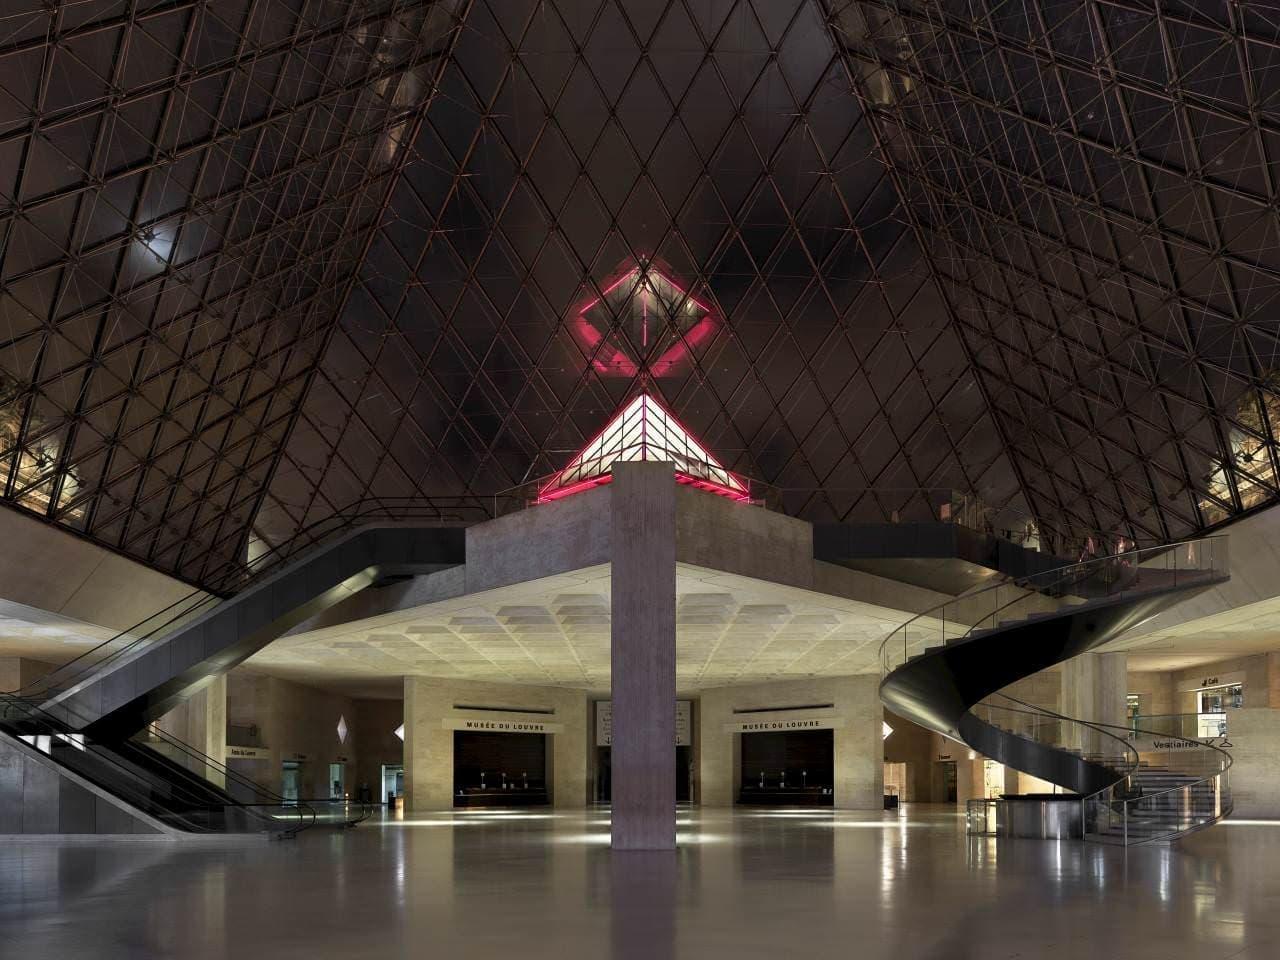 閉館後のルーブル美術館に宿泊できる特別限定企画